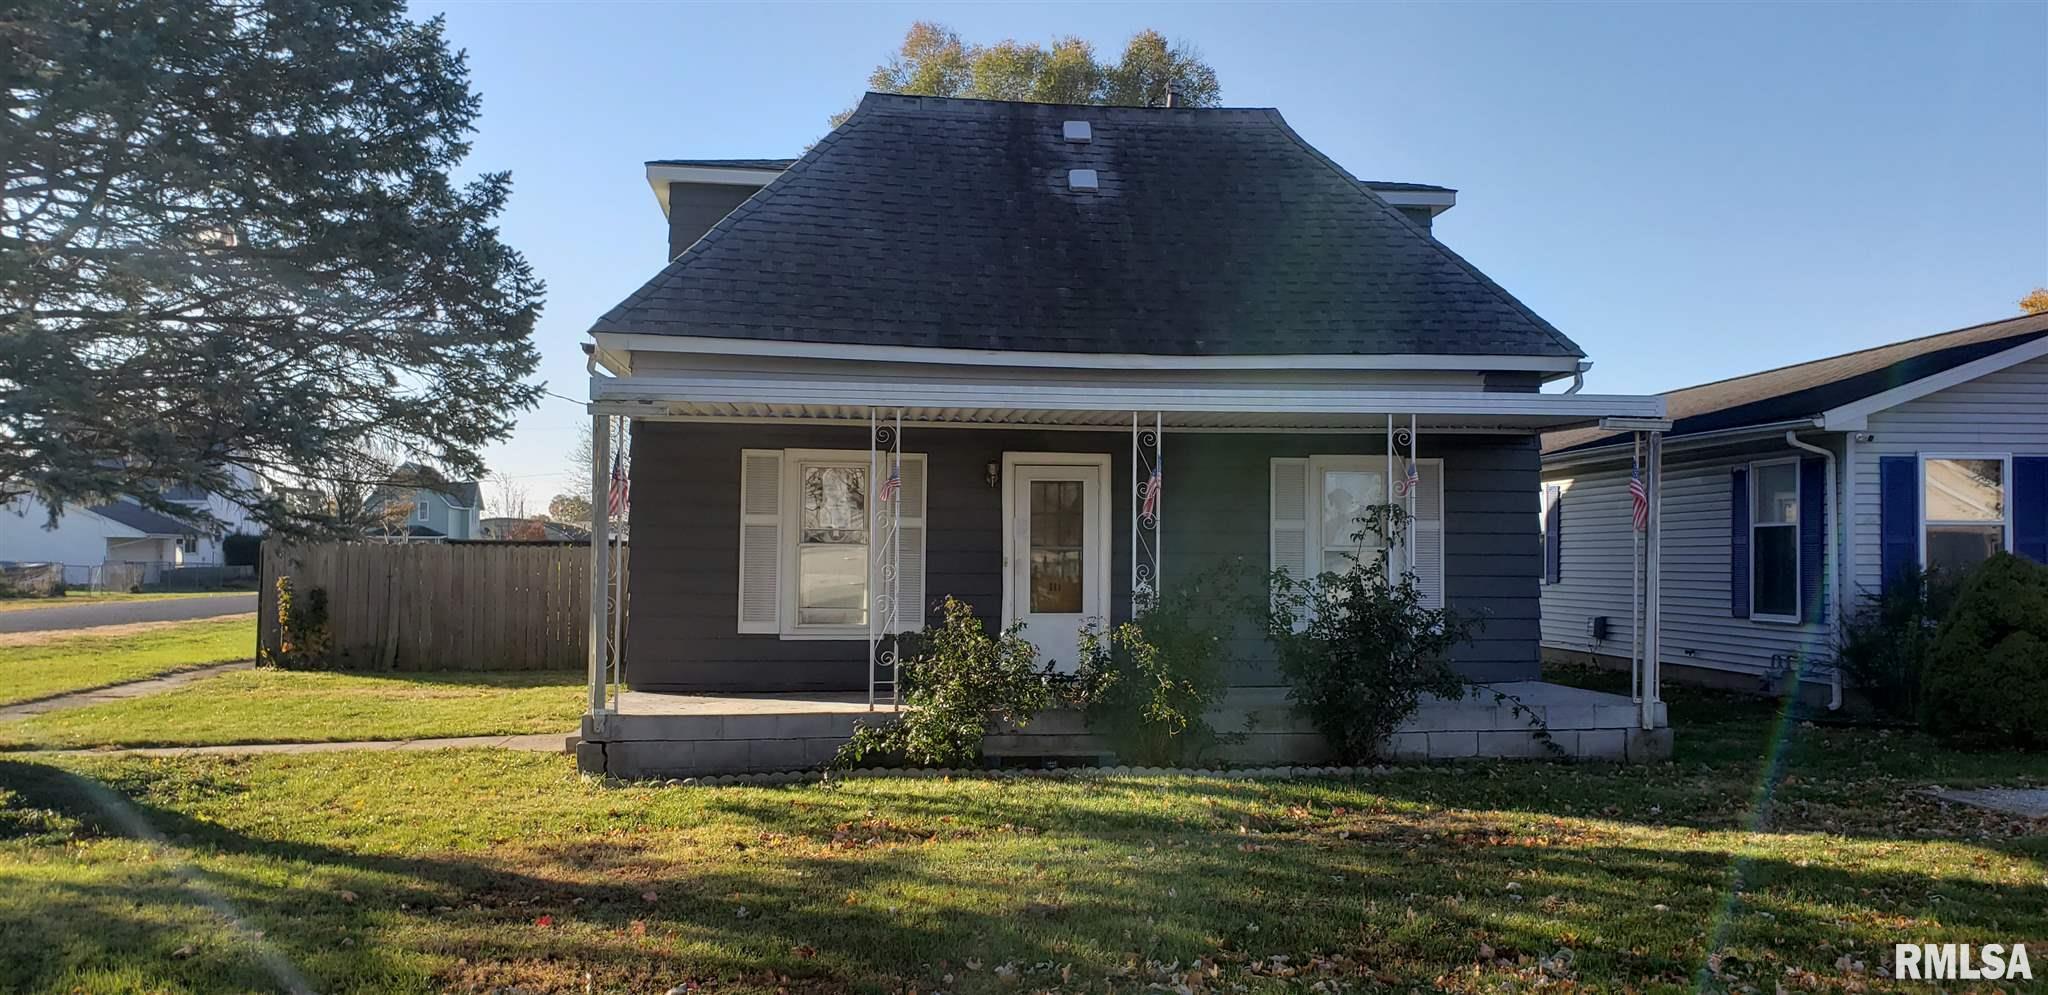 111 E OAKLEY Property Photo - Glasford, IL real estate listing